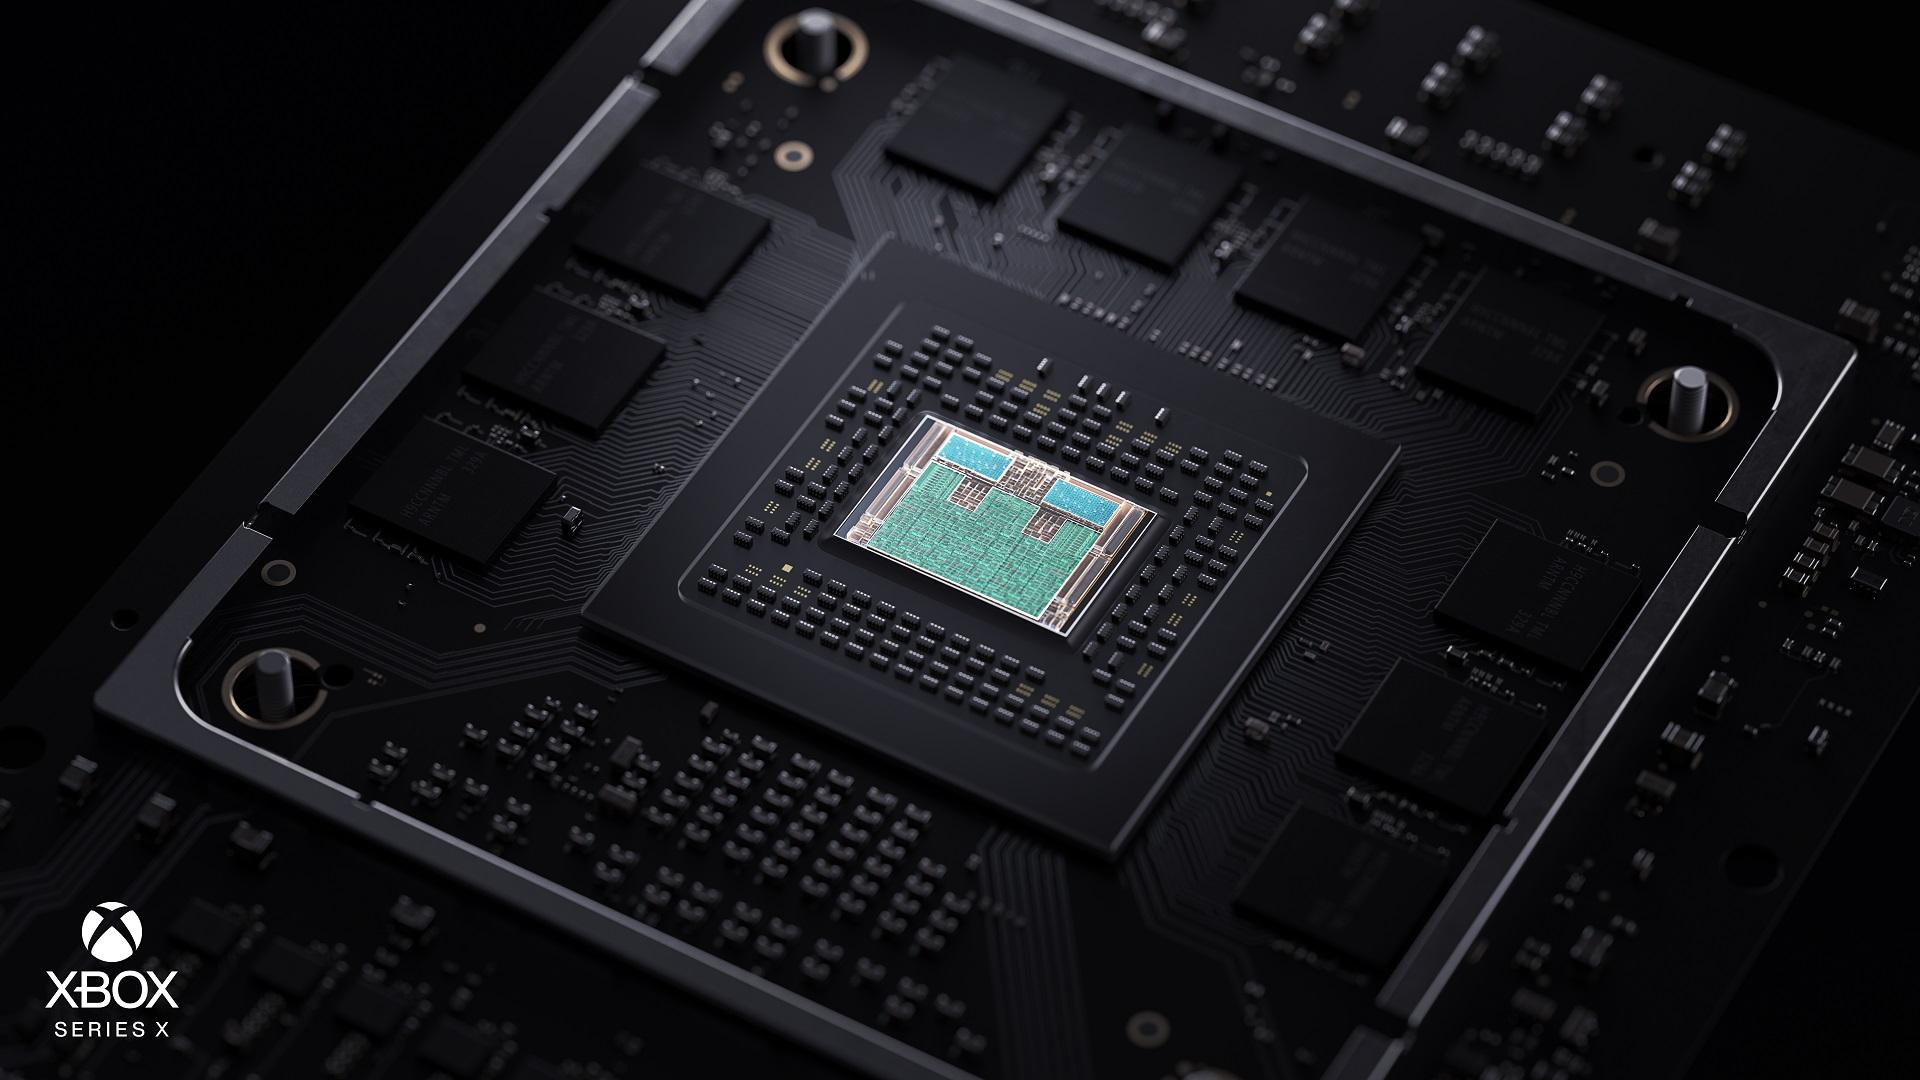 Xbox Series X : sa rétrocompatibilité dopera des milliers de vieux jeux à coup de 4K, HDR et 120 i/s